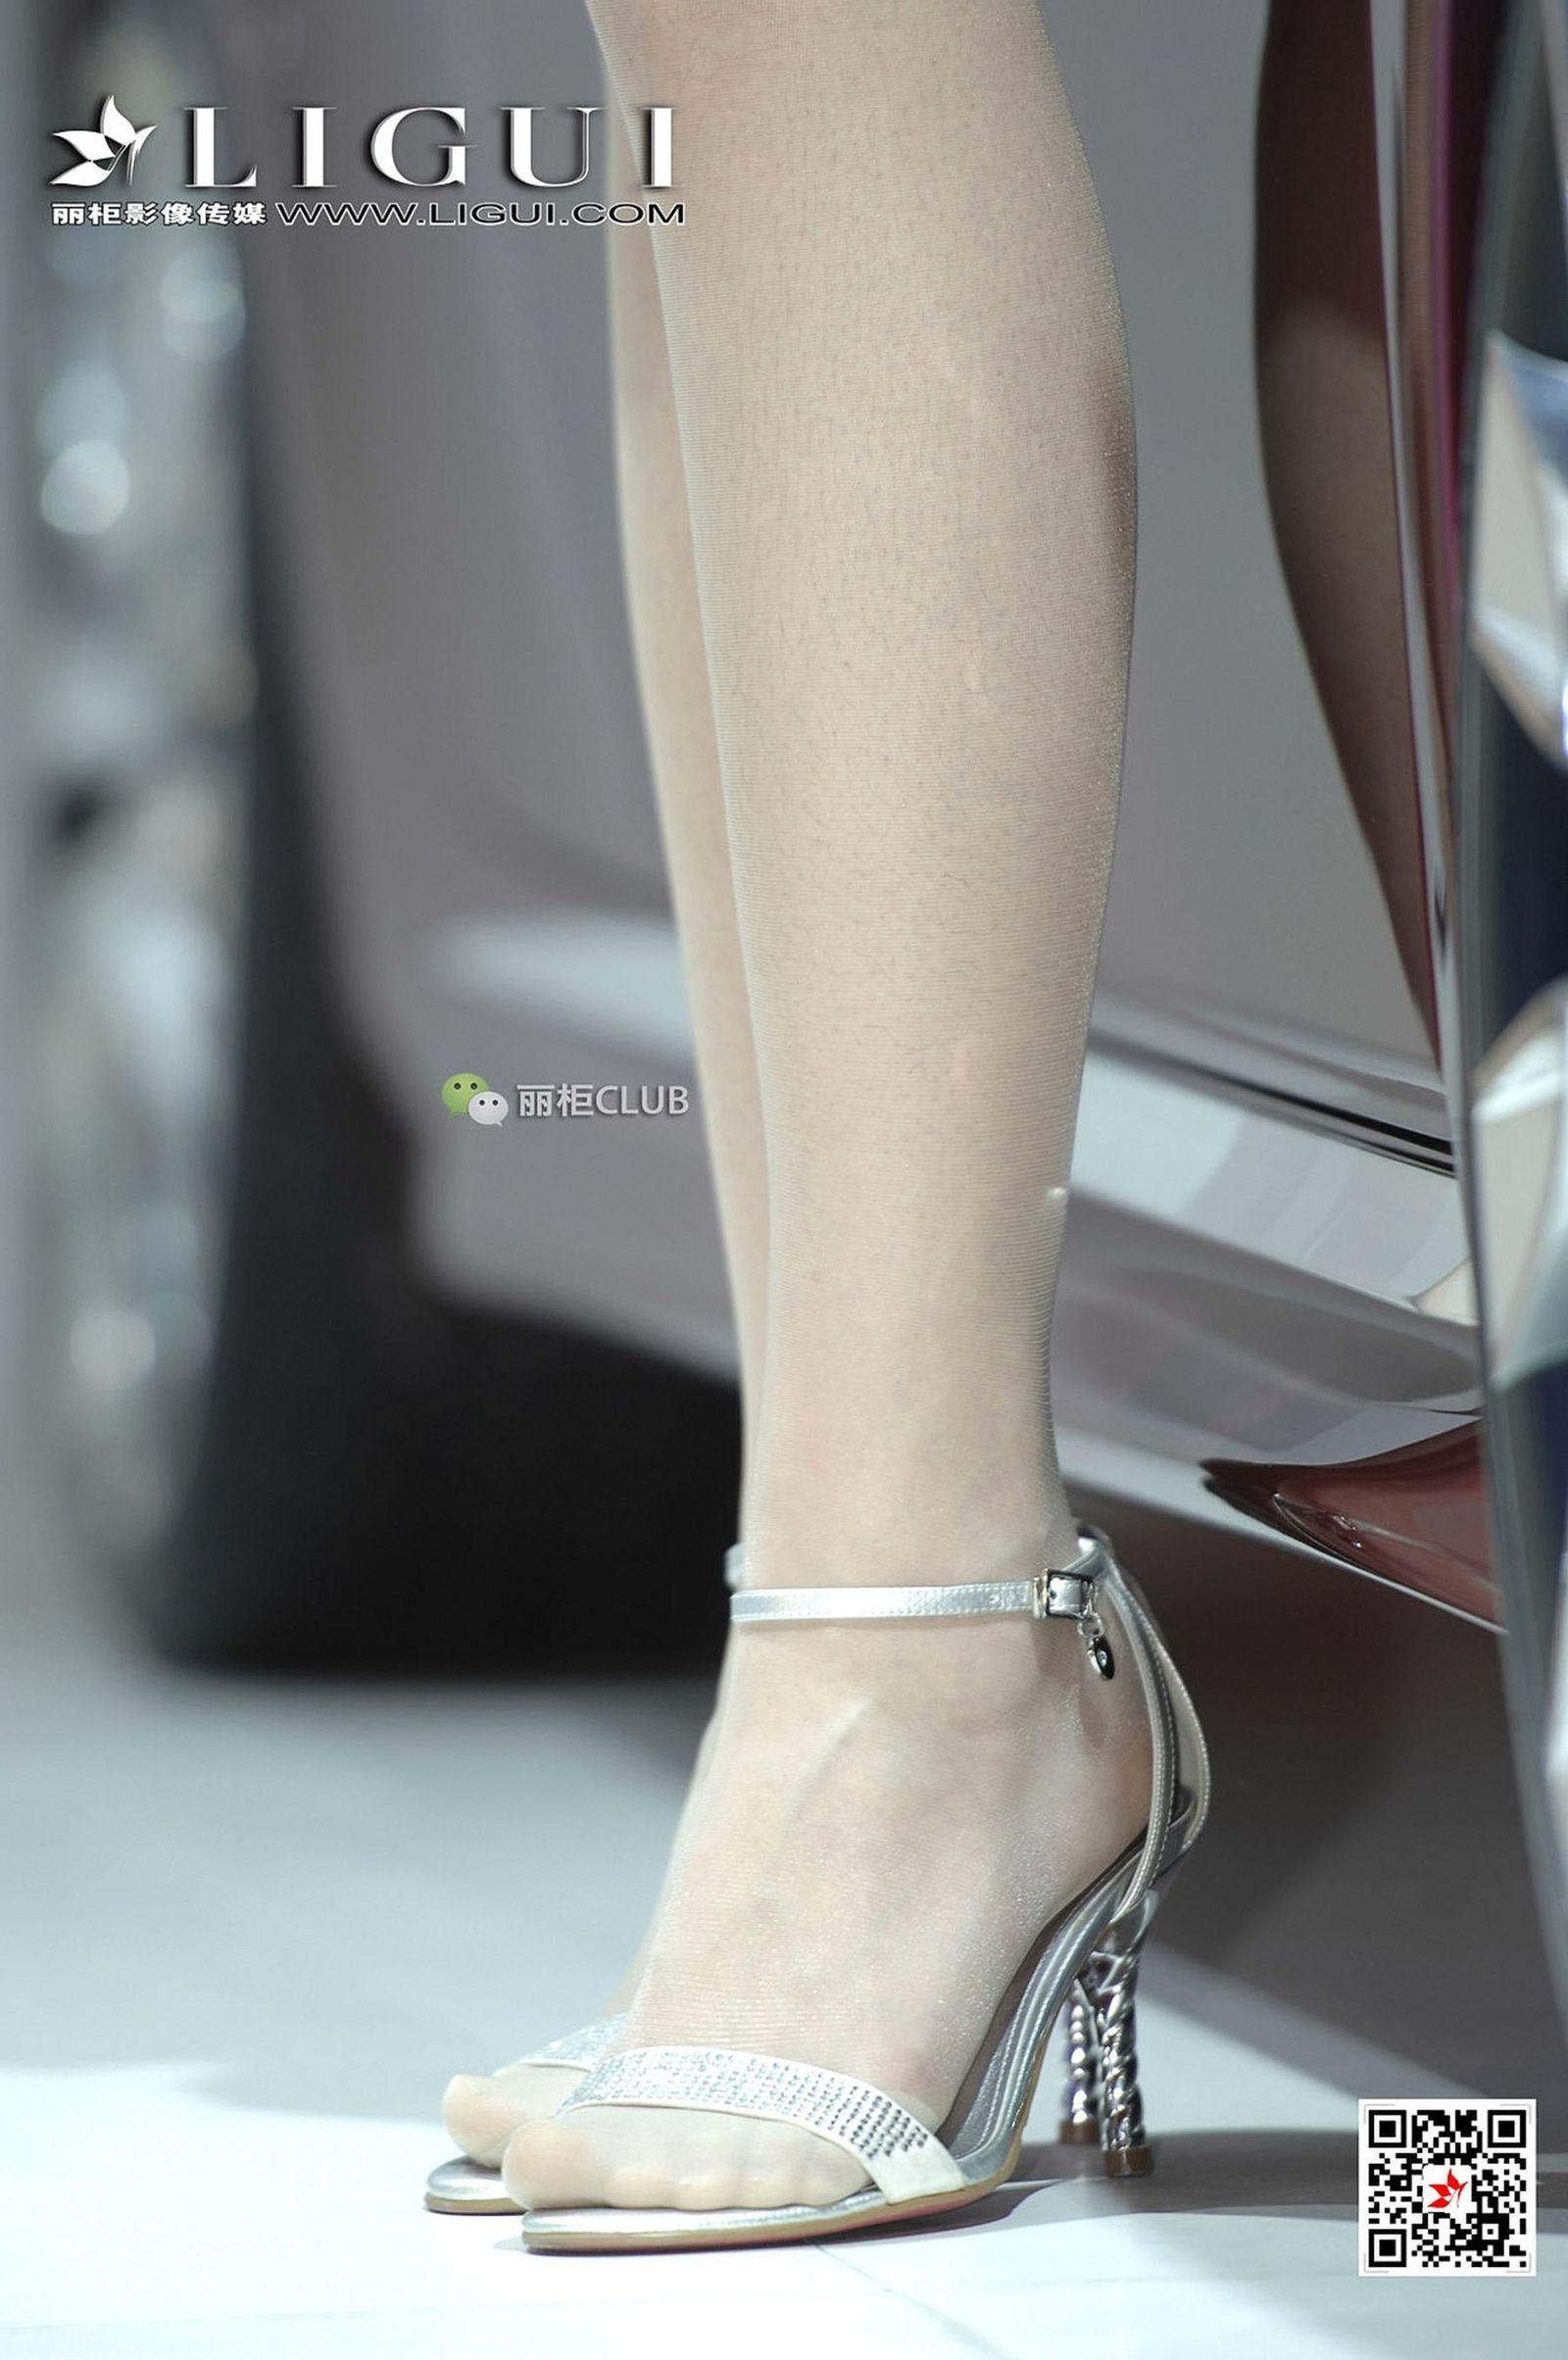 Model 时尚车模  - 美腿丝足写真